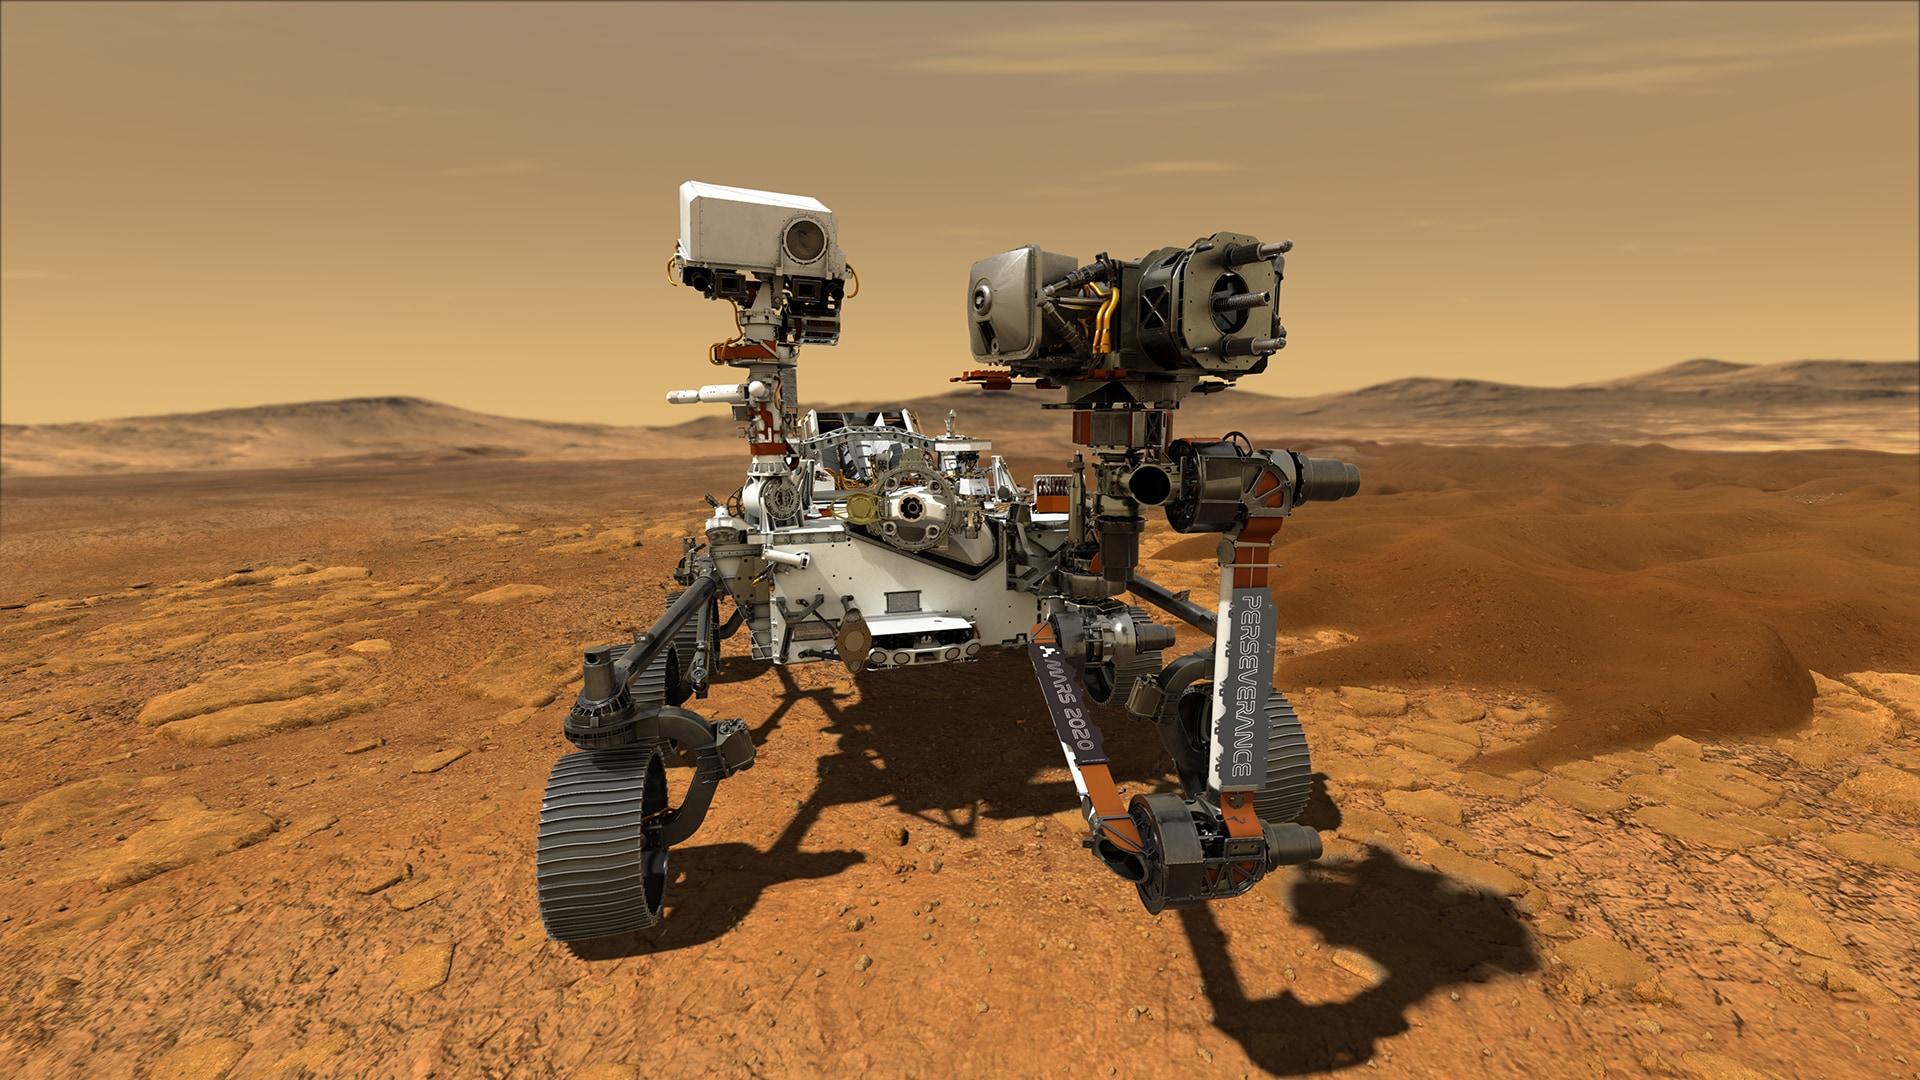 2021年に火星着陸予定の探査機「パーセヴェランス」。